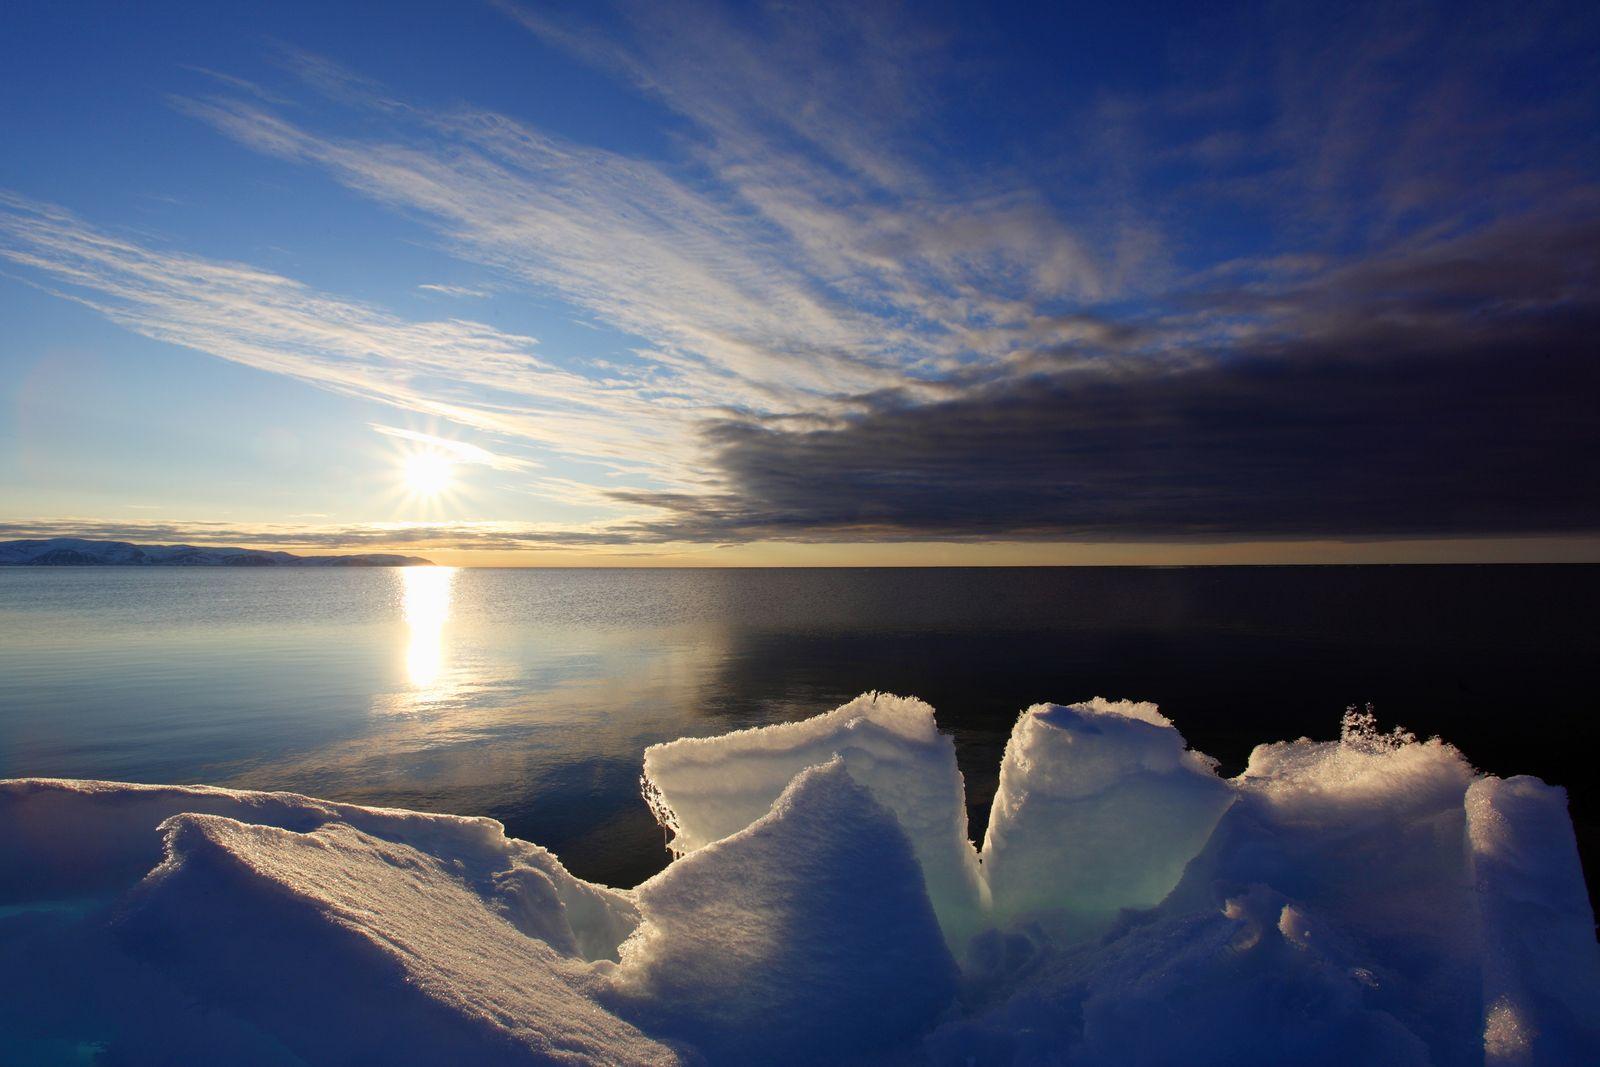 NICHT MEHR VERWENDEN! - Arktis / Eis / Klima